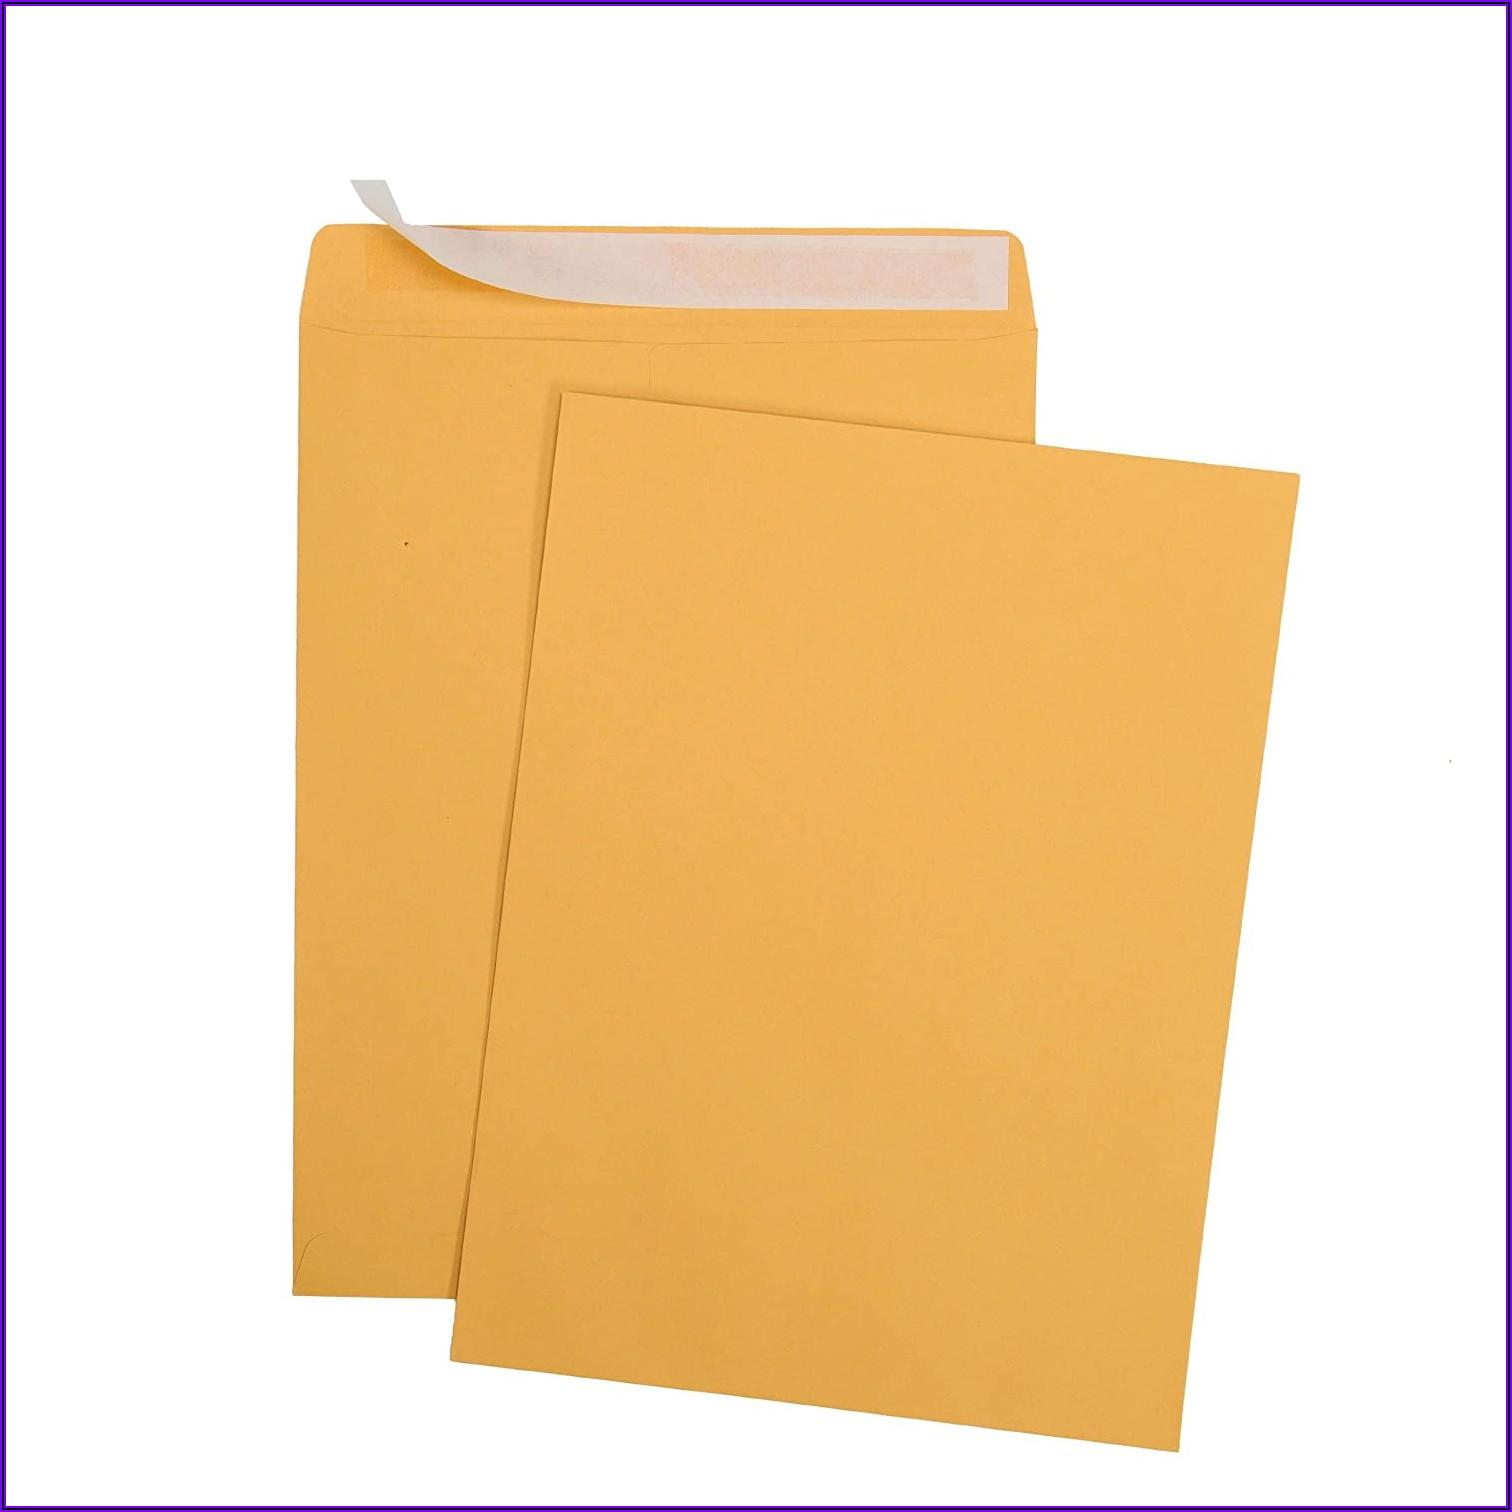 Self Seal Envelopes Bulk Pack White 9 X 12